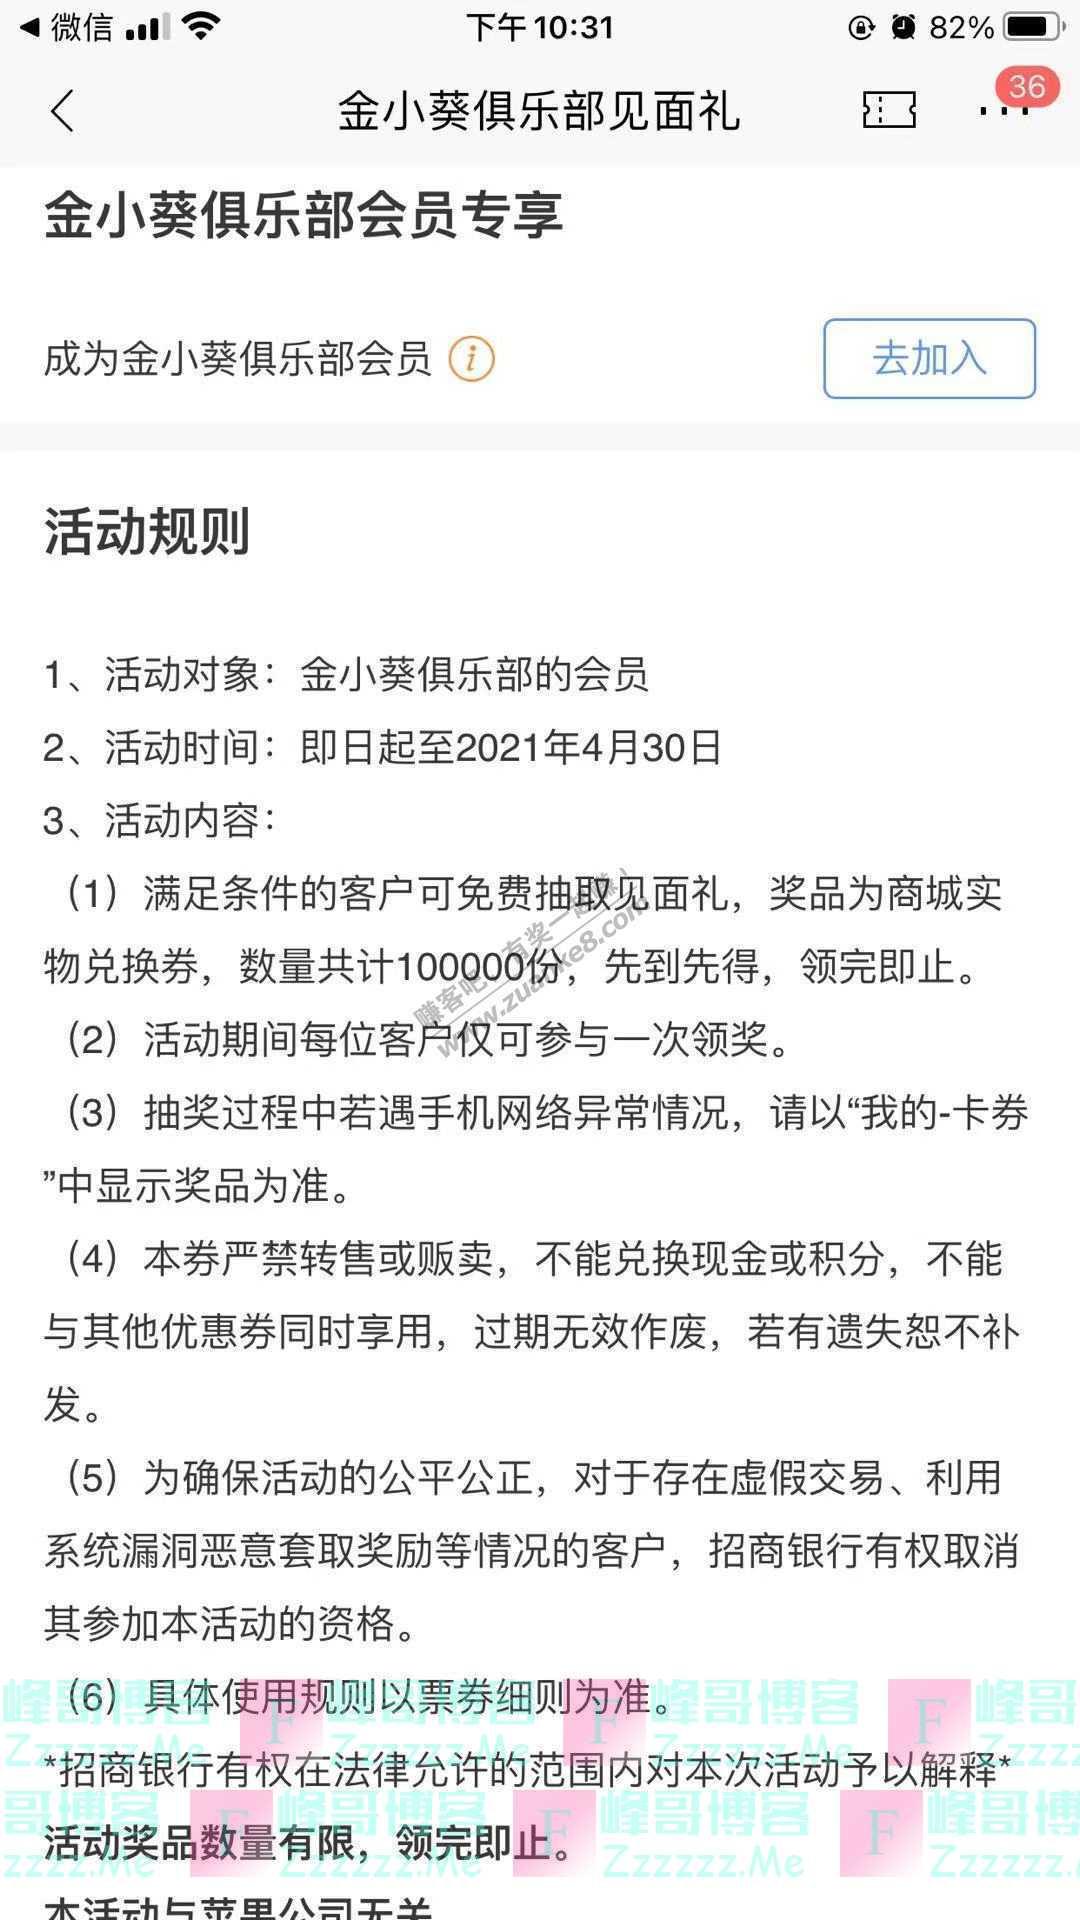 招商银行app金小葵俱乐部见面礼(截止4月30日)